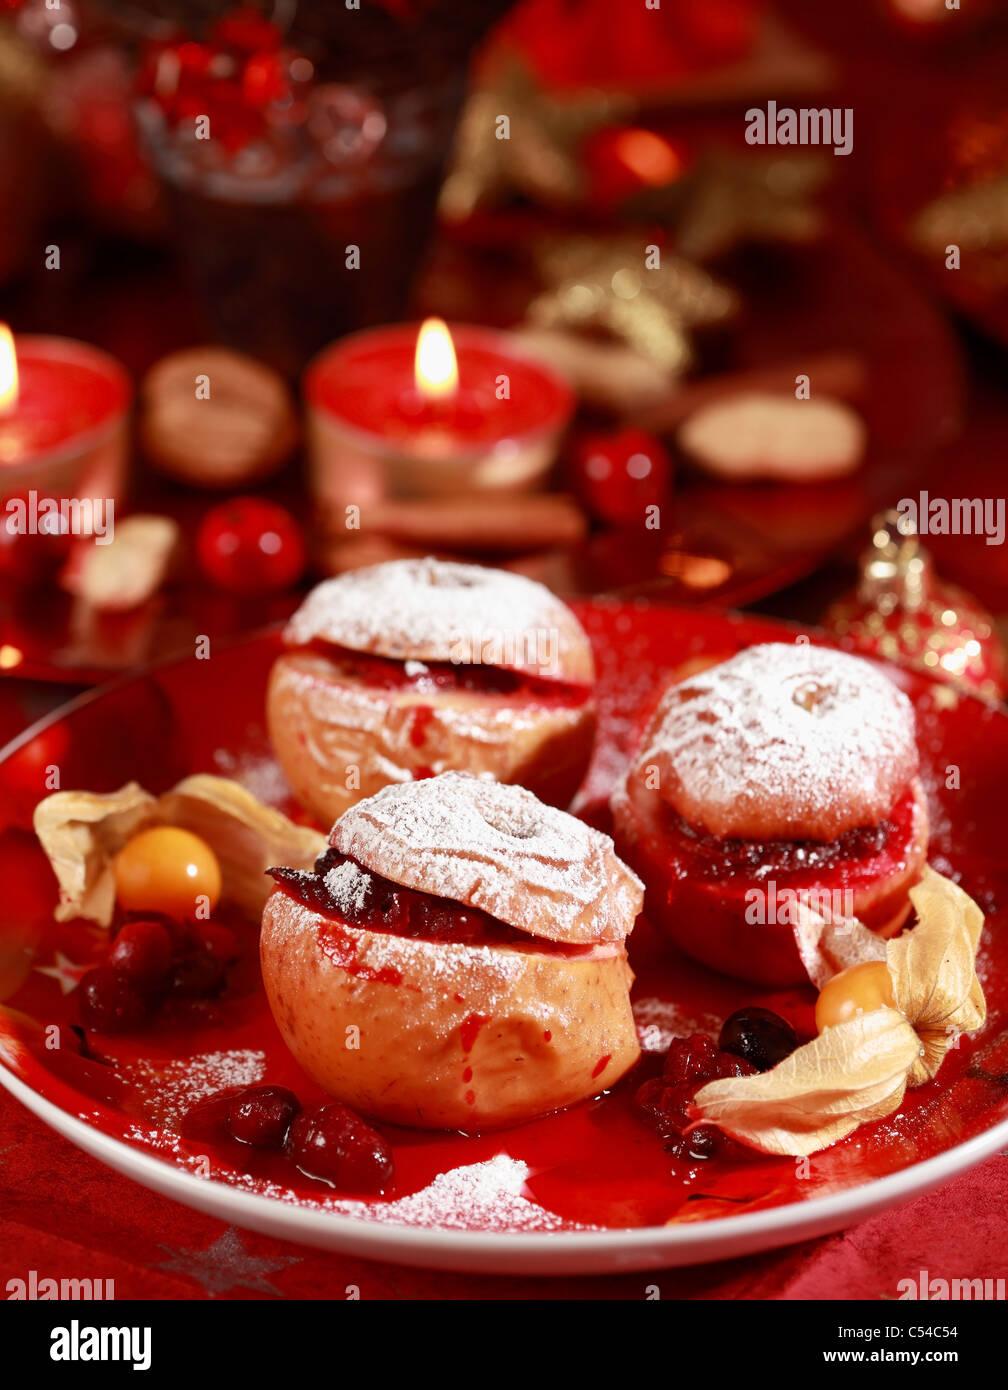 De délicieuses Pommes au four avec farce aux canneberges pour Noël Photo Stock